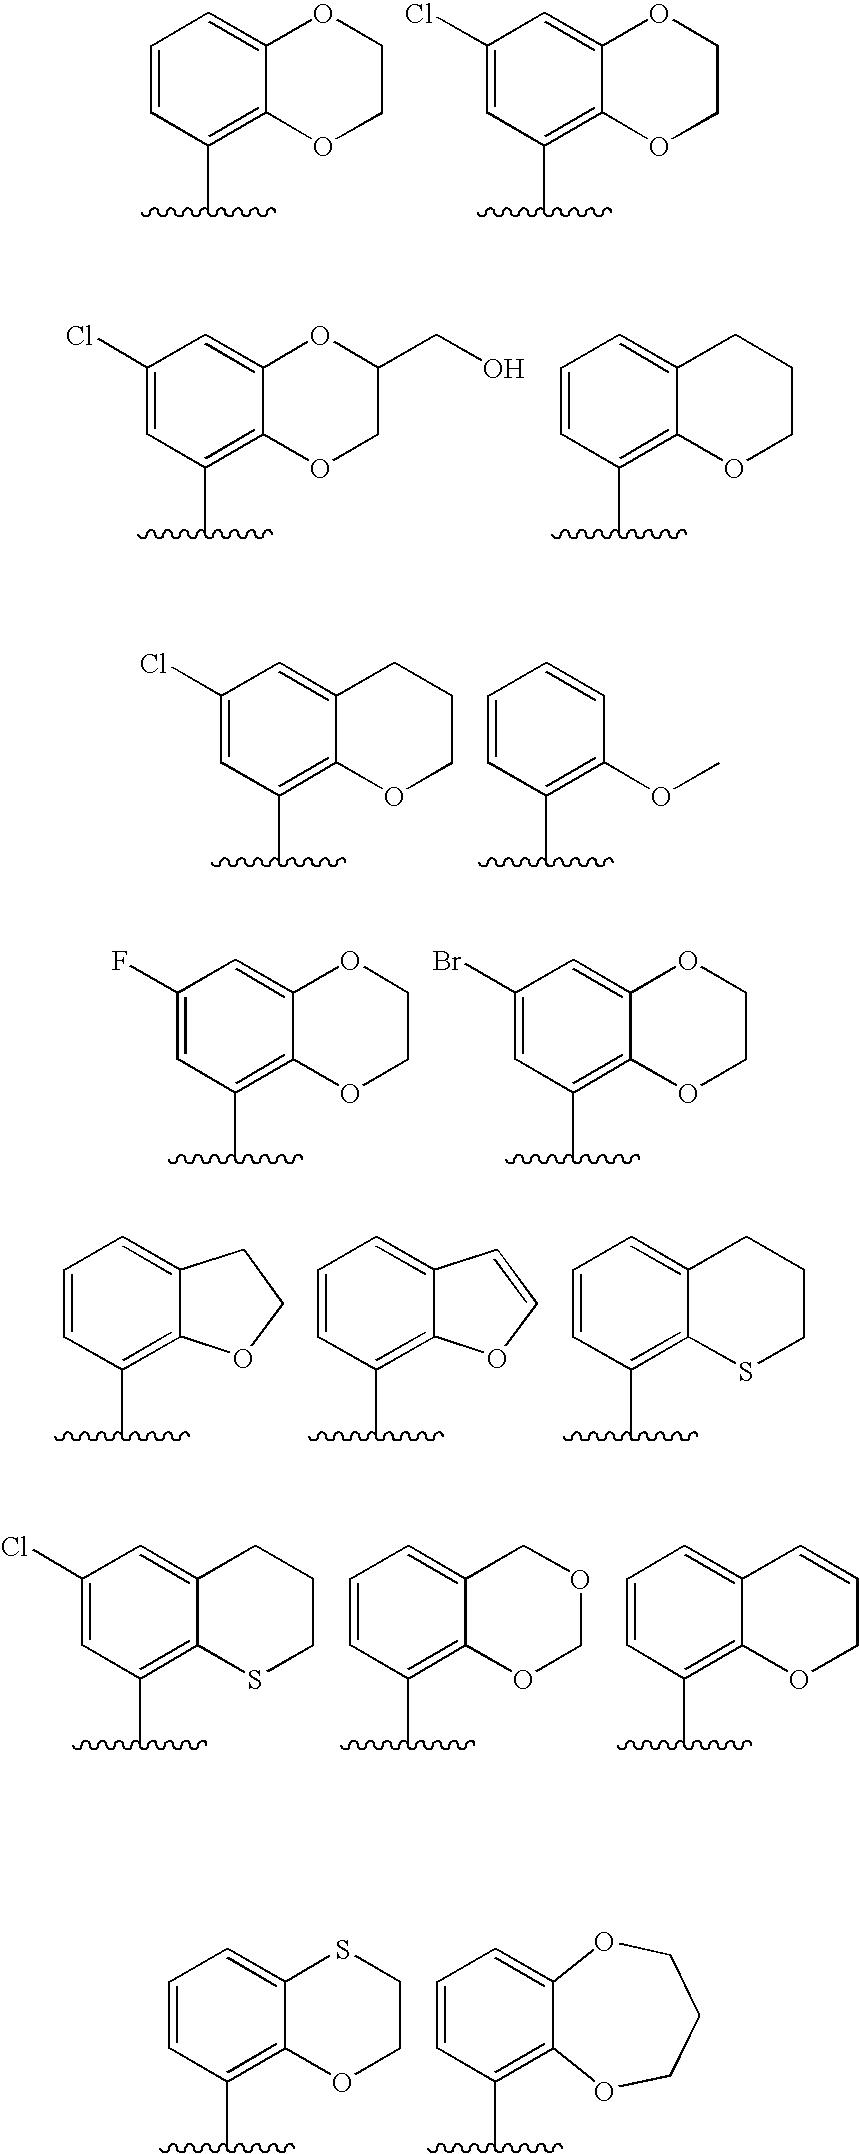 Figure US20100009983A1-20100114-C00190